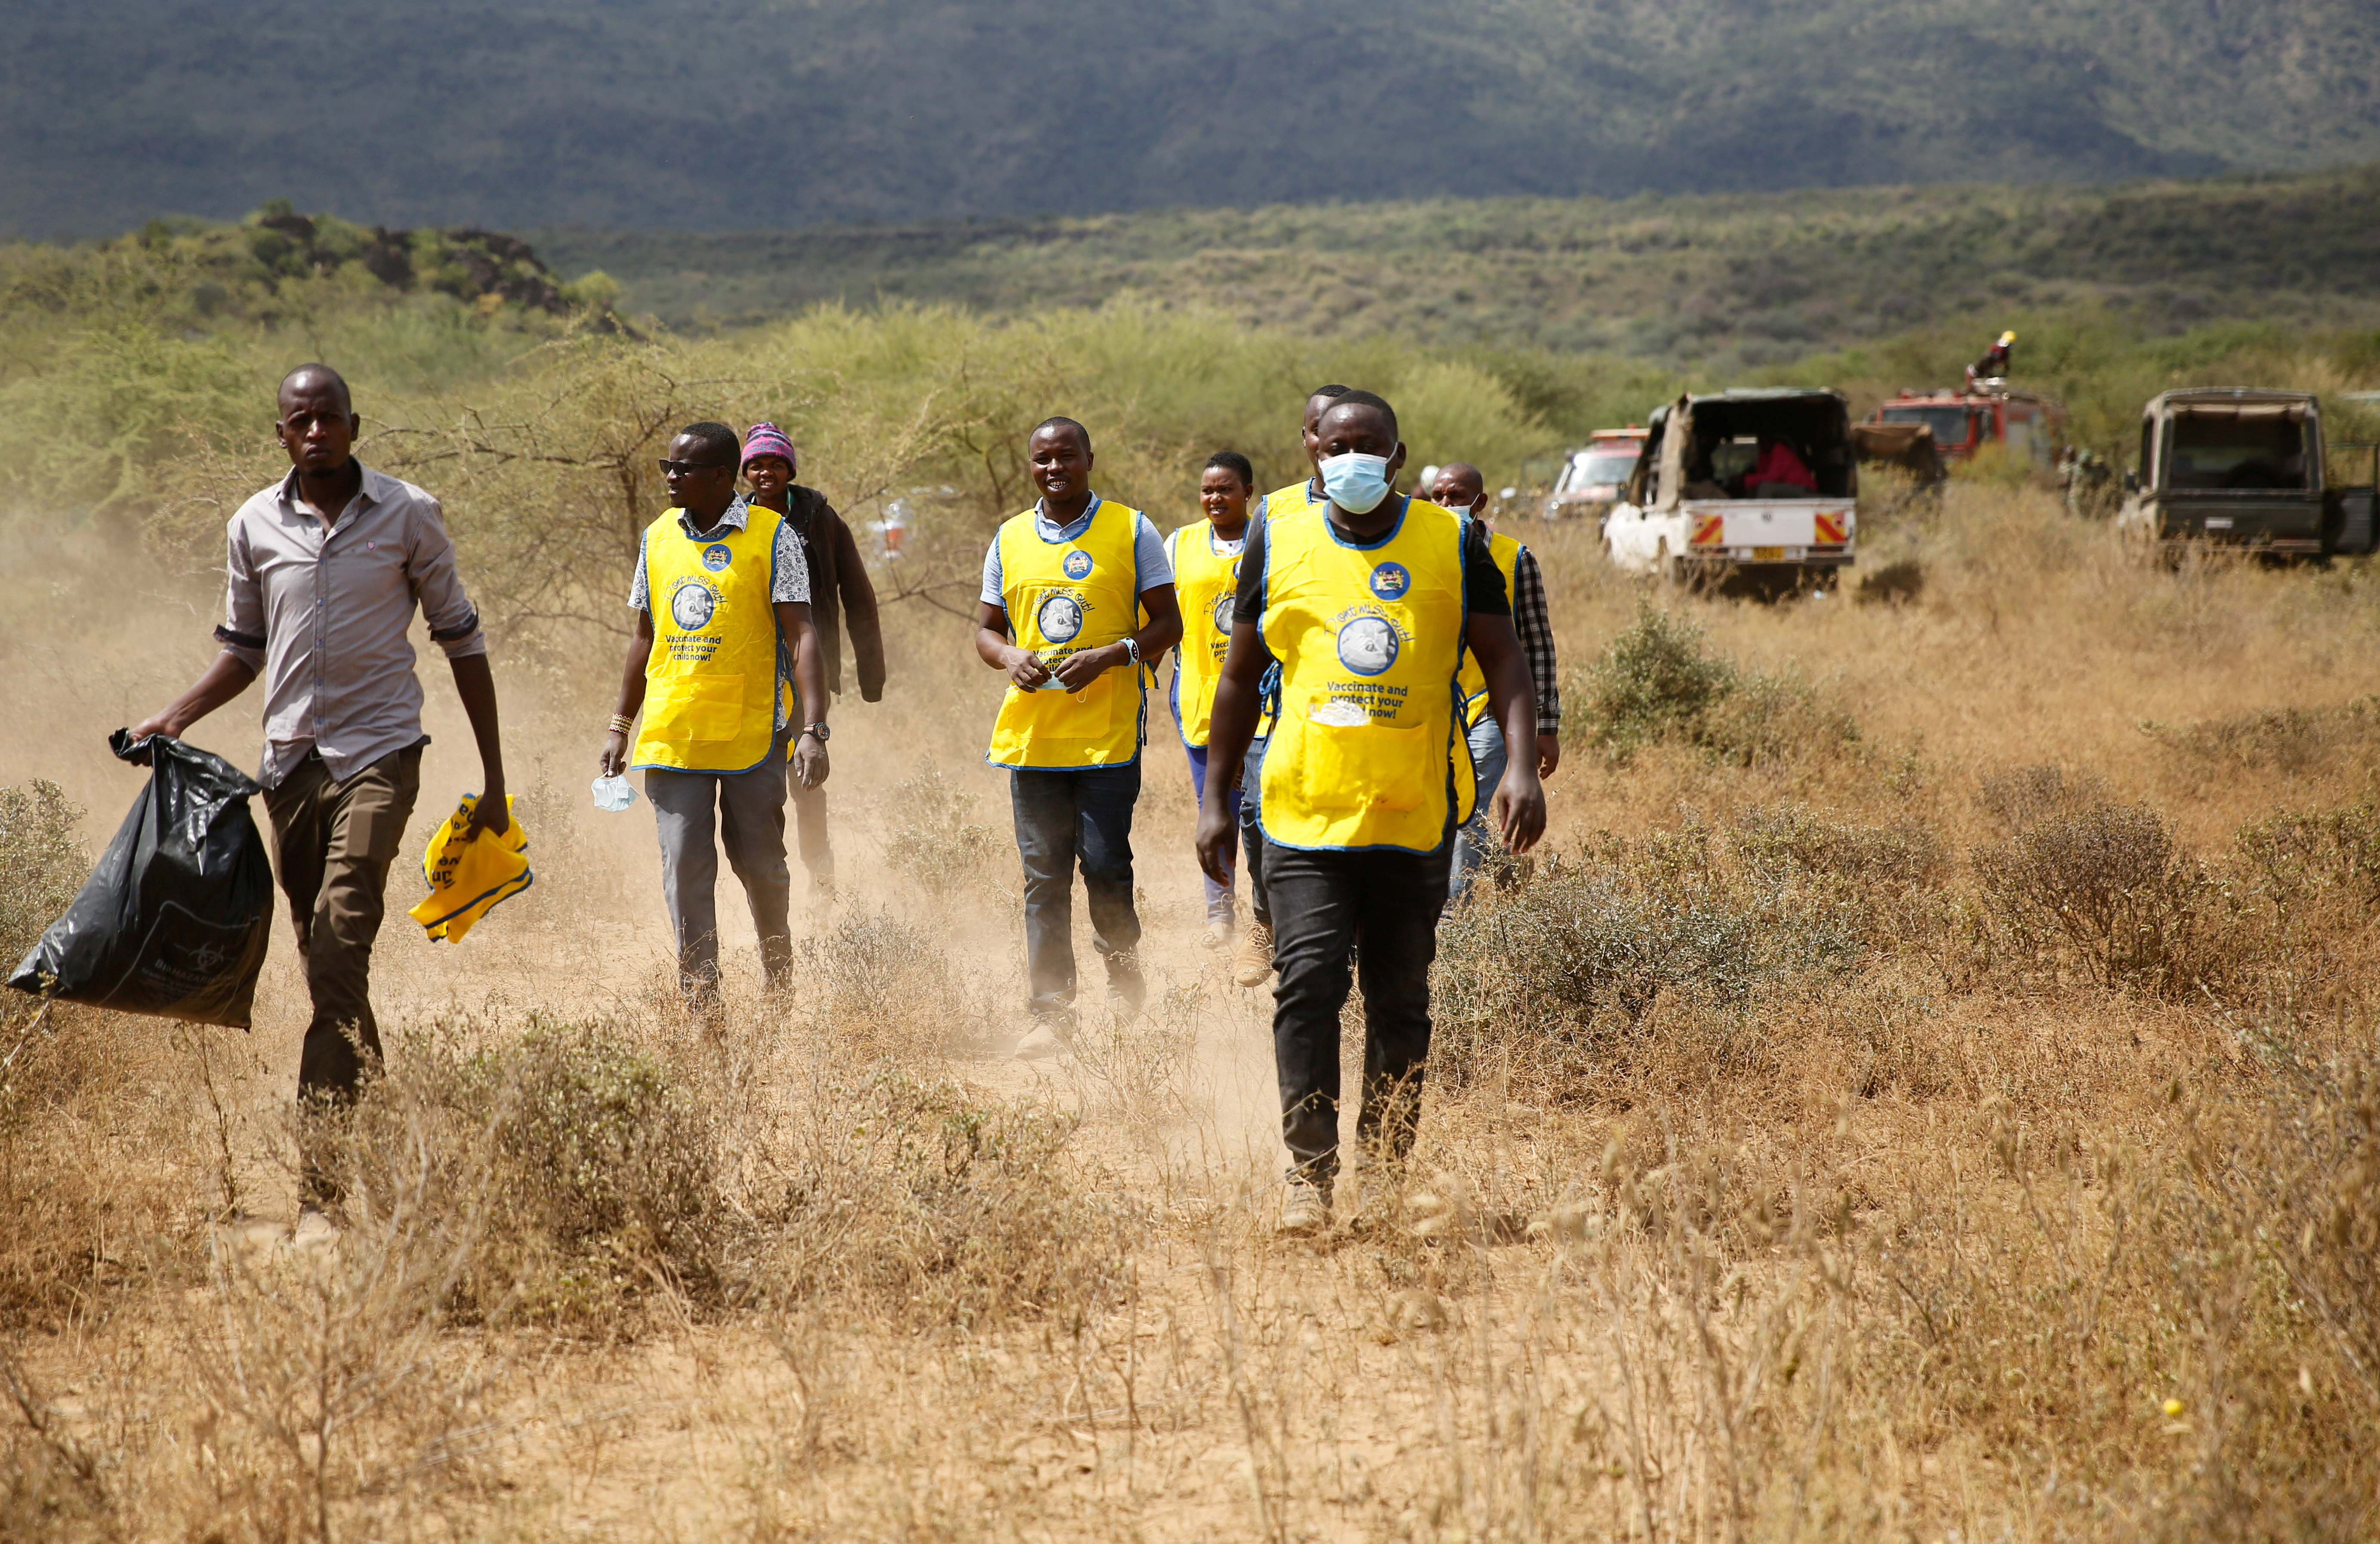 肯尼亚一军用直升机坠毁 至少10名士兵死亡